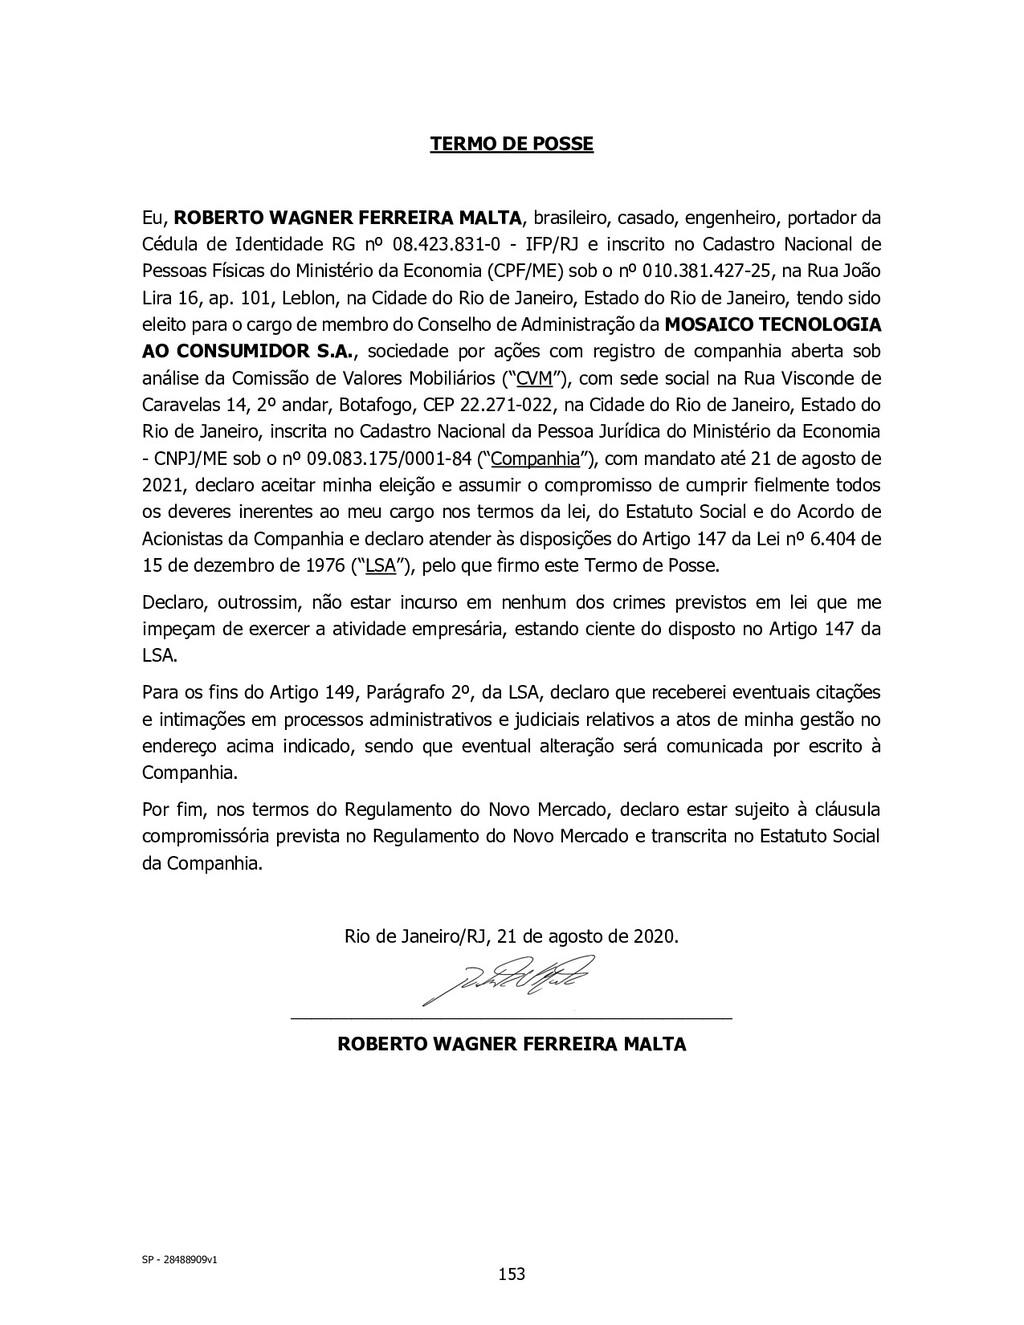 SP - 28488909v1 TERMO DE POSSE Eu, ROBERTO WAGN...